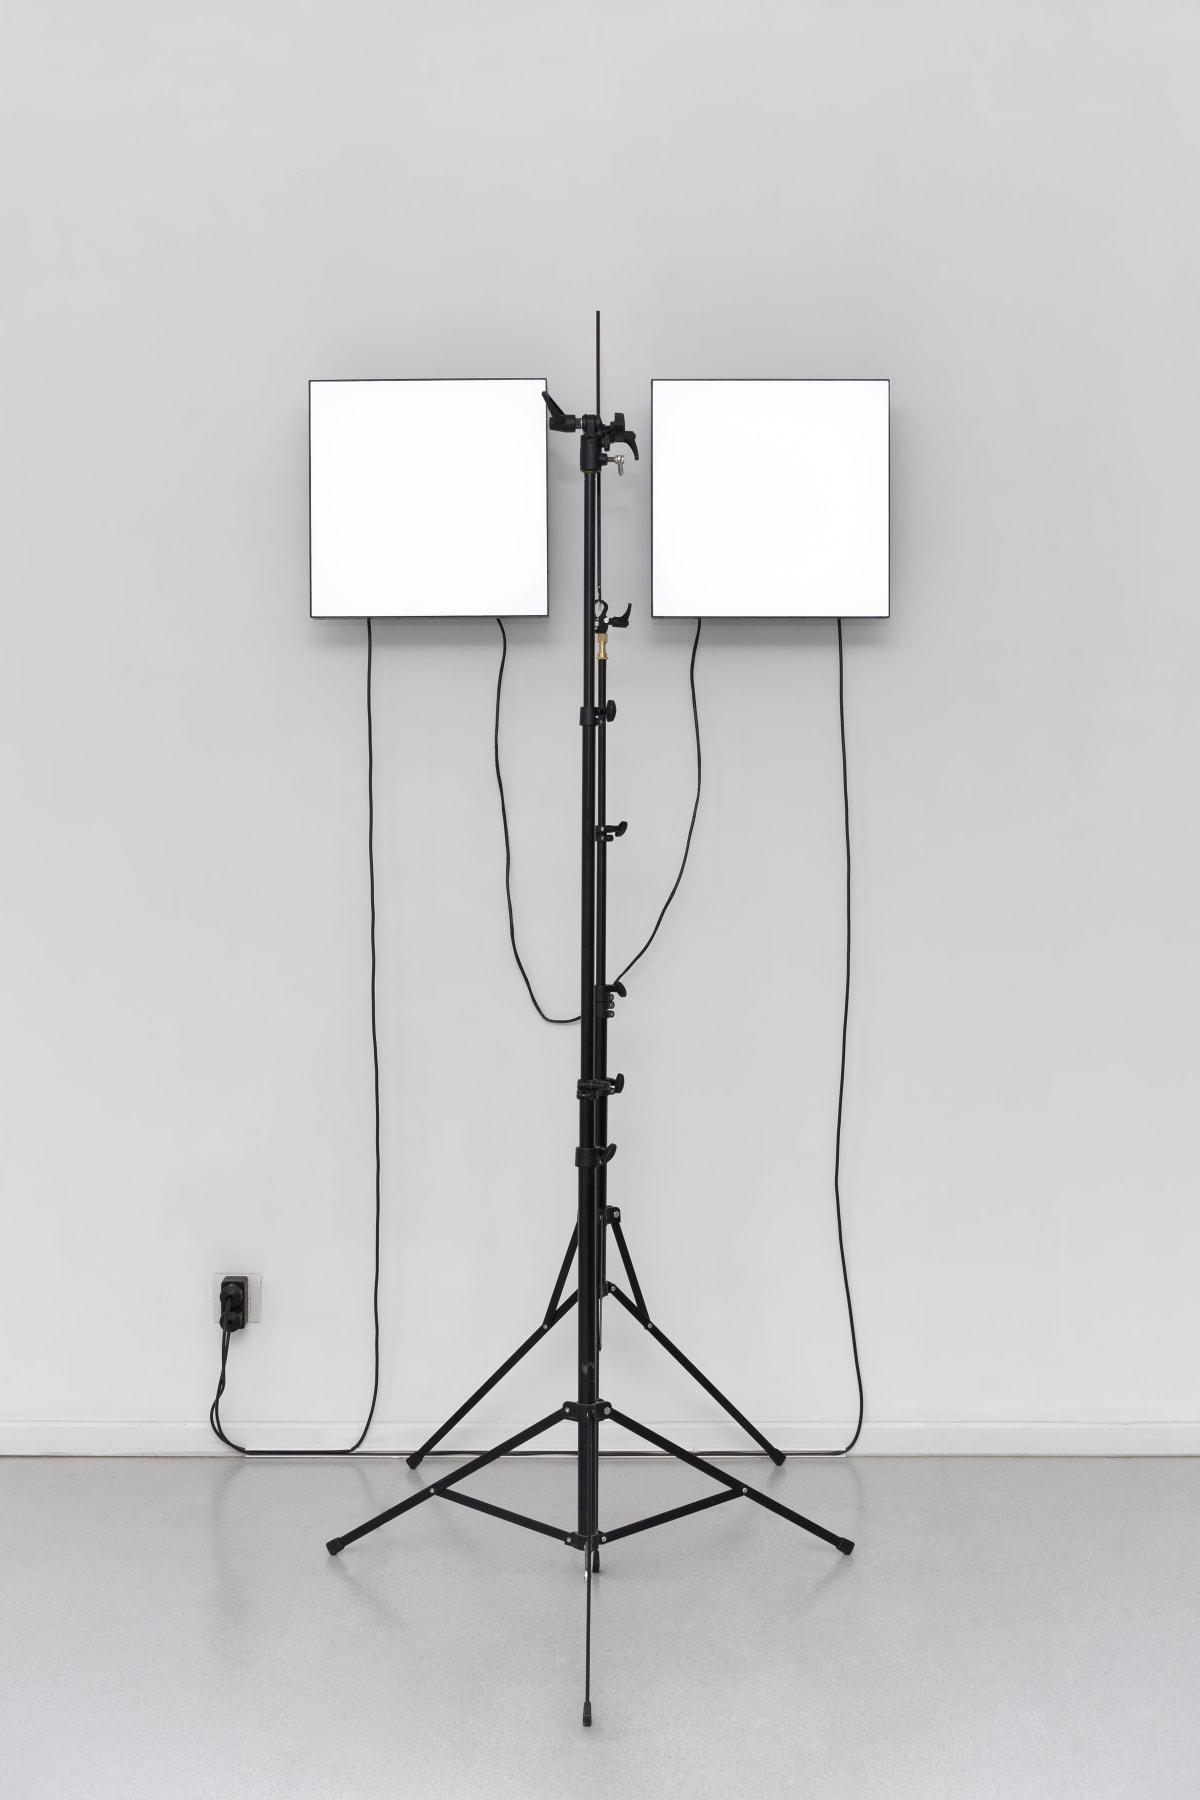 Emmanuel Van der Auwera - Recipient of Otazu Art Prize